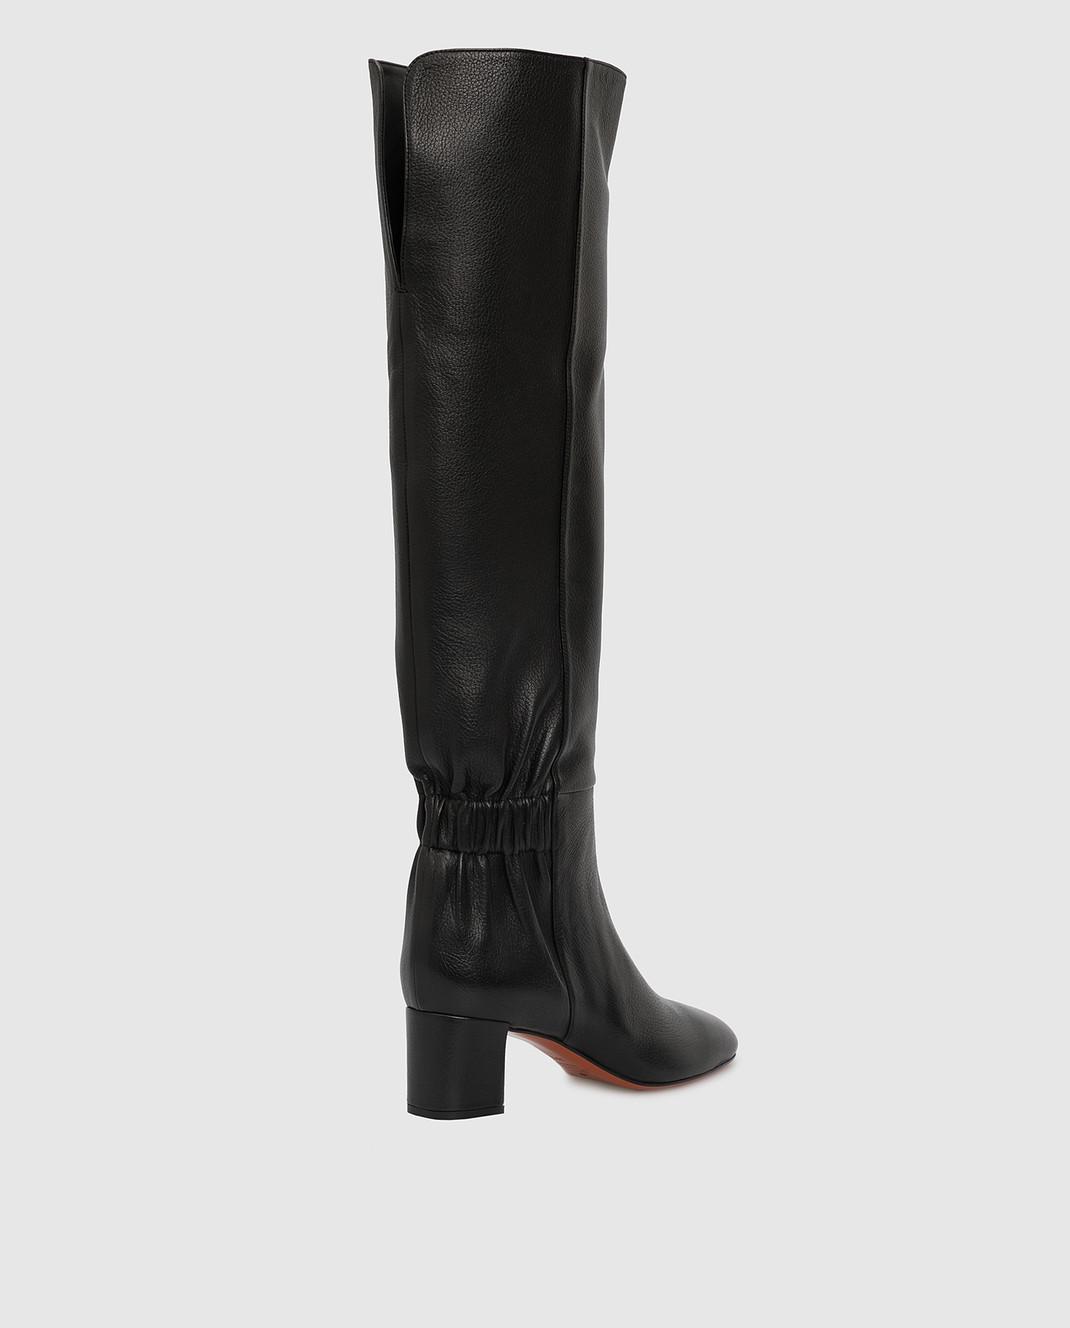 Santoni Черные кожаные сапоги изображение 4